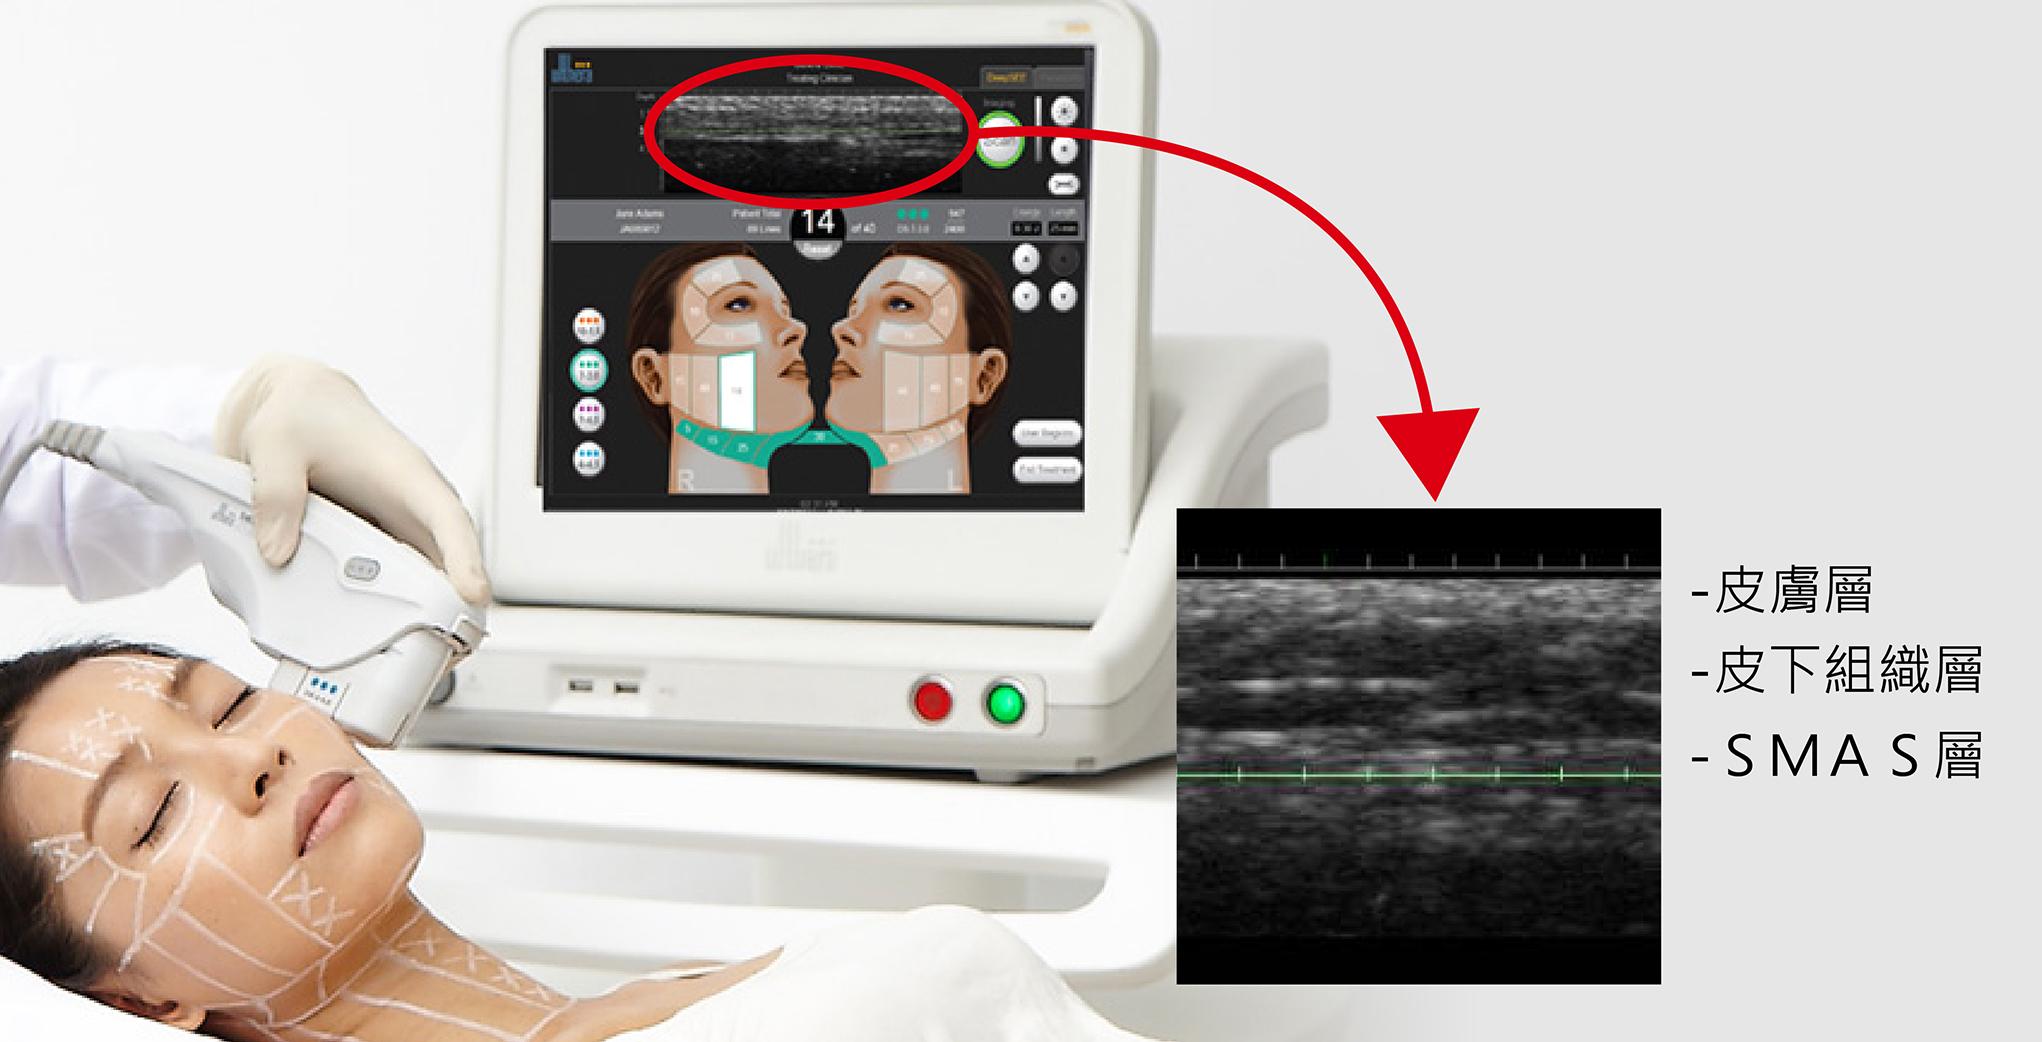 醫師會使用超音波系統的超音波顯像系統去觀察病患皮膚下的情況,並且規劃最佳治療位置。